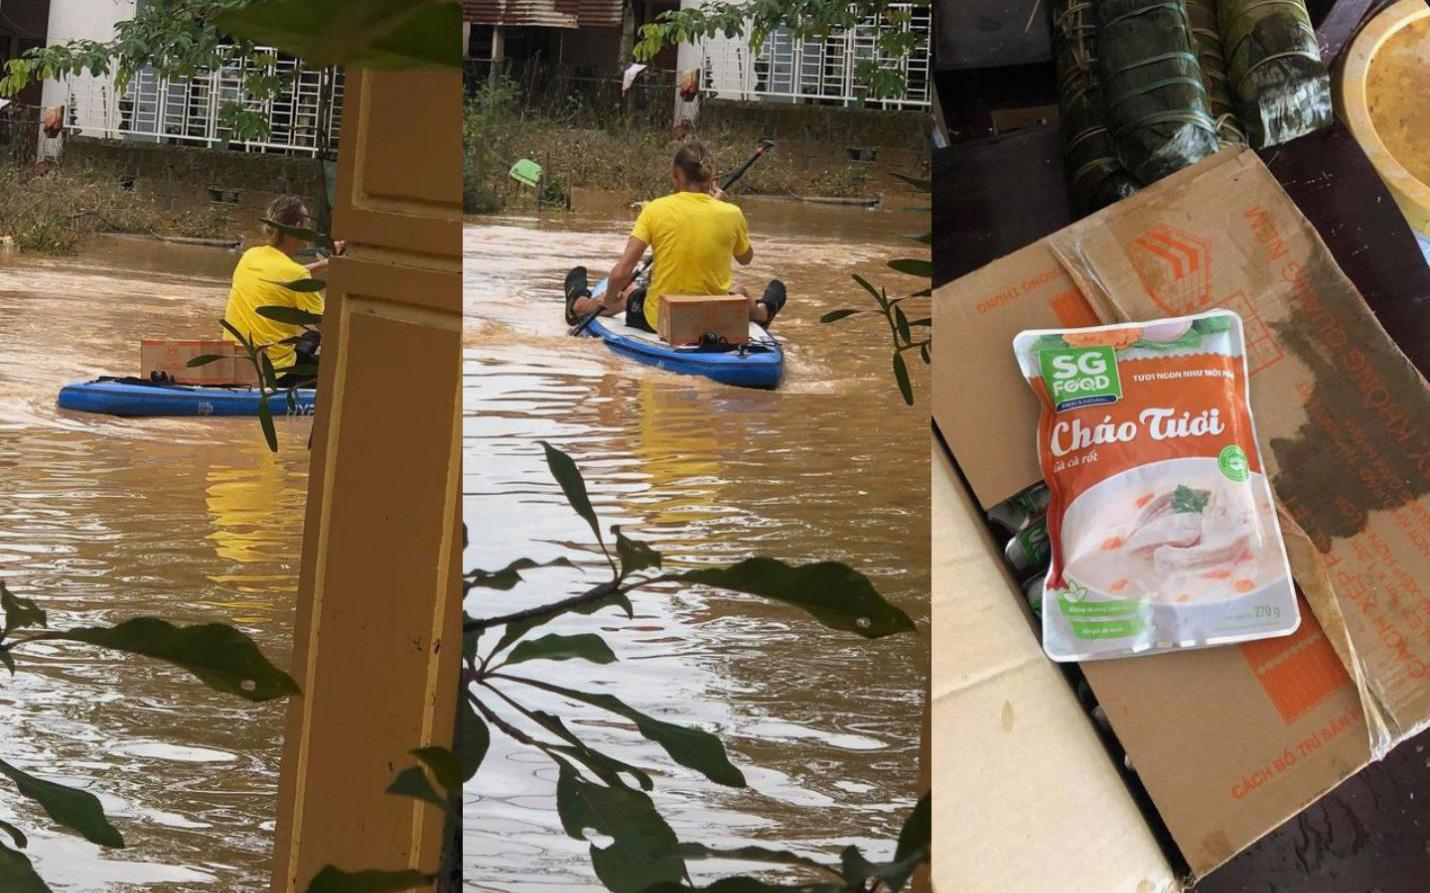 Nước sạch và thực phẩm cho vùng lũ, cần suy nghĩ thêm cho người nhận tiếp tế